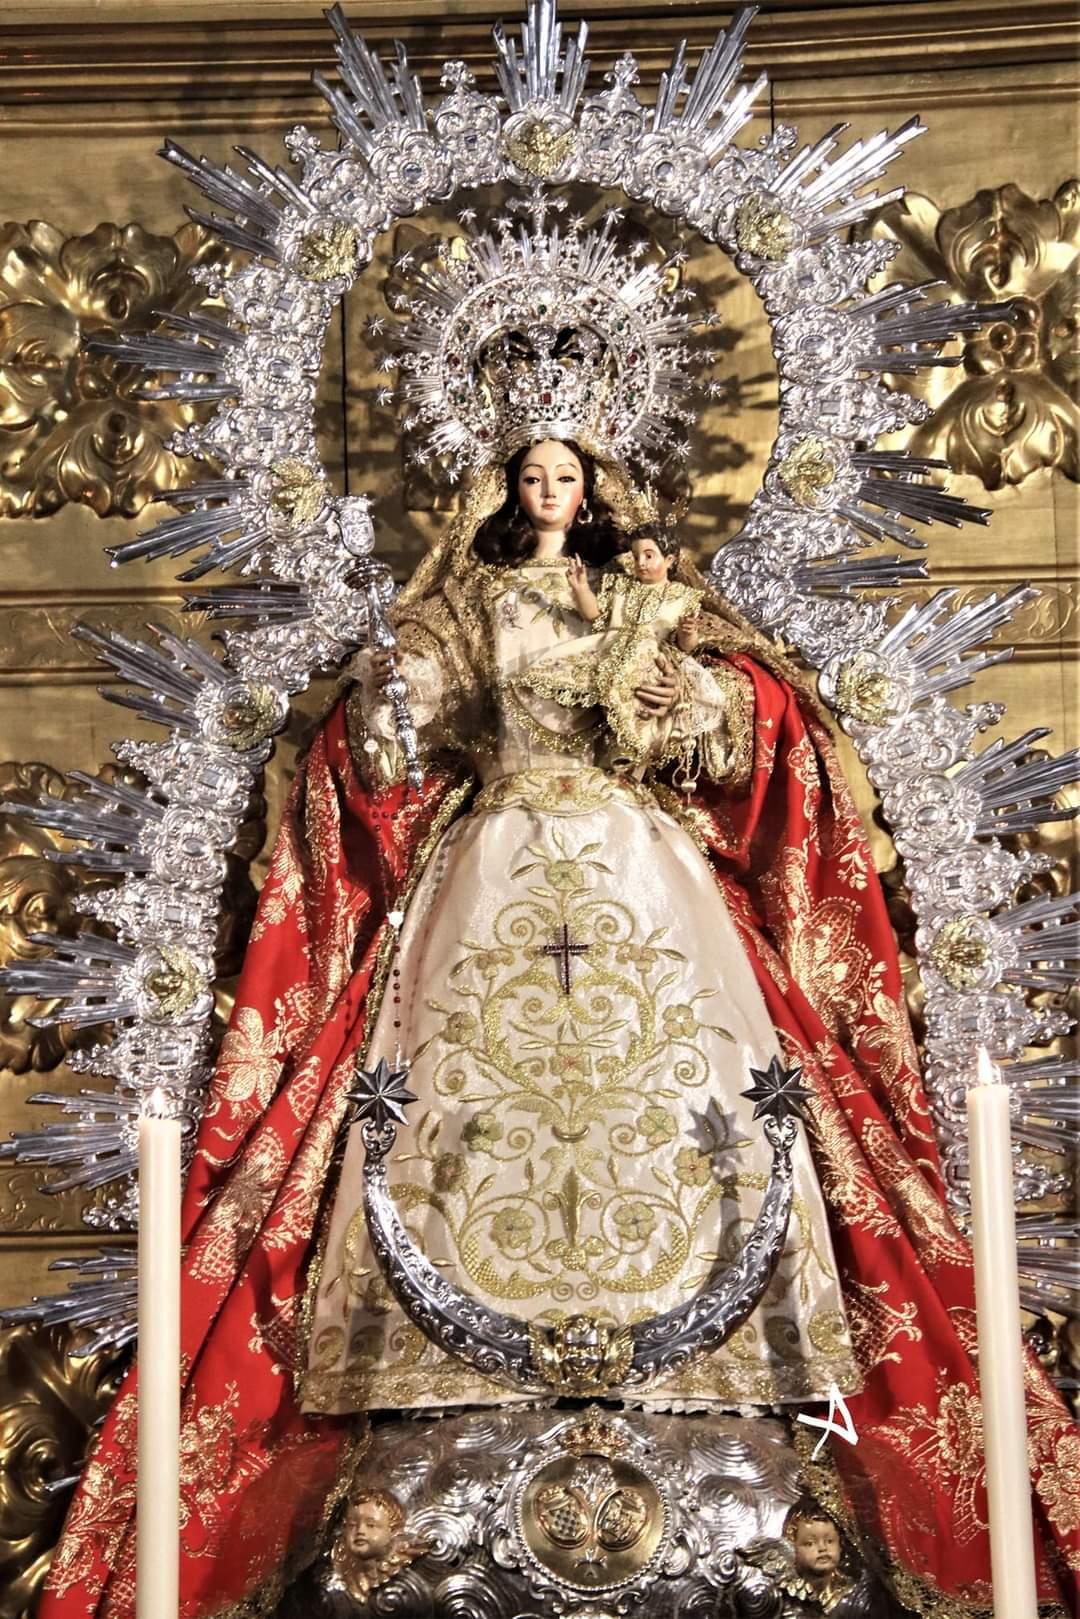 La Virgen de Montemayor se trasladará en su paso para presidir el pregón de Glorias con una sola cuadrilla, sin relevos